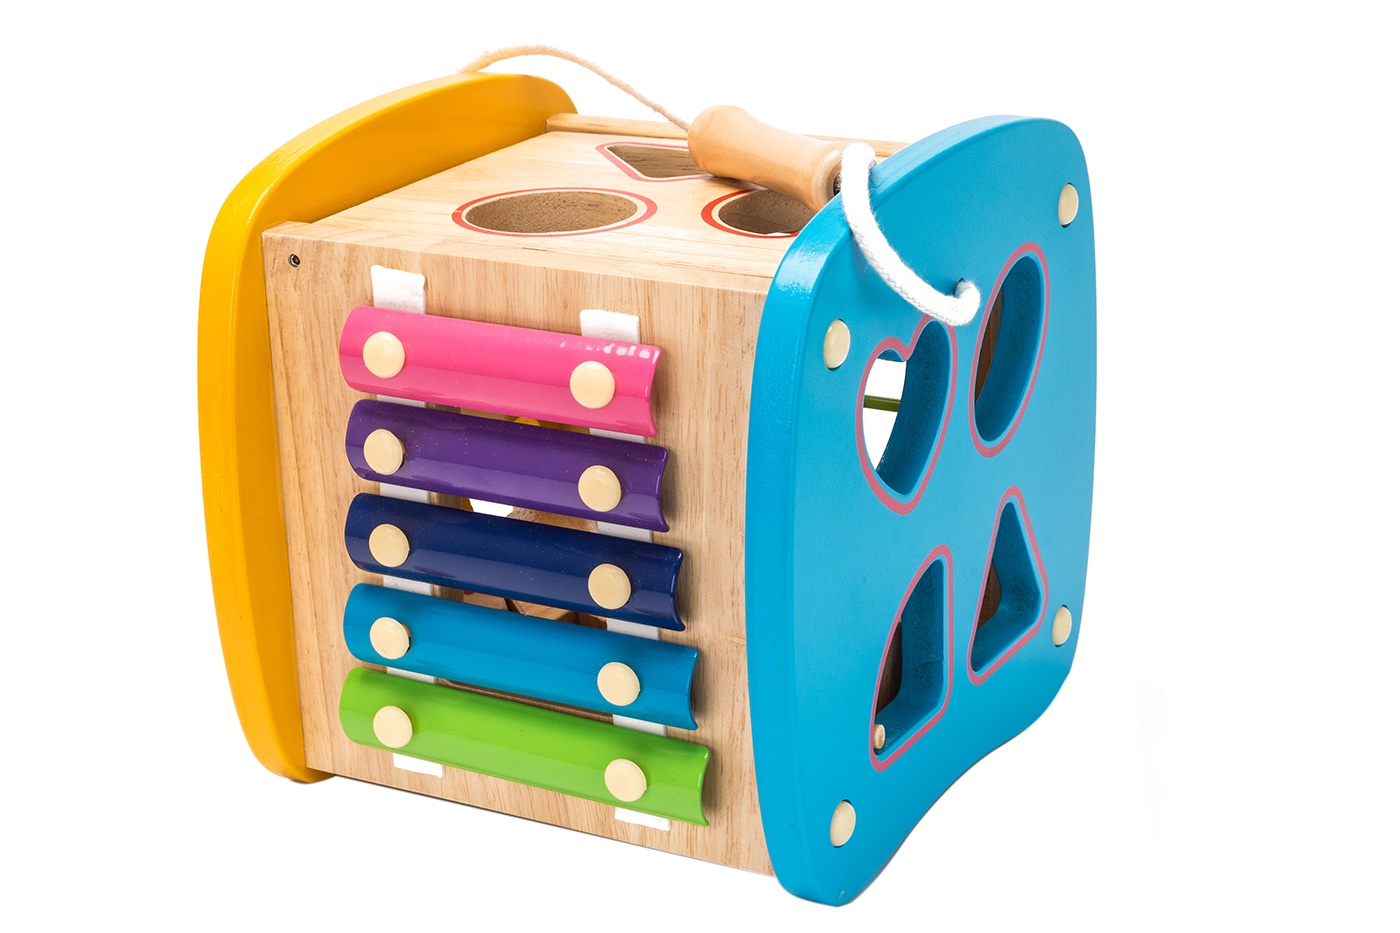 Игра развивающая Bradex Бизикуб, DE 0320DE 0320Игра развивающая «БИЗИКУБ» – это яркий компактный игровой центр, на сторонах которого собраны варианты игр для раннего развития ребенка: разноцветные счеты, сортер с фигурными отверстиями, ксилофон с молоточком. В игровой набор также входят многофункциональные фигурные детали для других игр, на их поверхности нанесены цифры от 0 до 10 и разноцветные принты. Детали можно нанизать на специальный шнурок как бусы. Бизиборд оснащен деревянной ручкой на прочной веревке: игровой центр удобно брать с собой в дорогу и на прогулки. Преимущества: Несколько видов активностей, чтобы занять ребенка на продолжительное время. Изучение цветов и счета. Развитие логического мышления, мелкой моторики, сенсорики, цветовосприятия, глазомера, слуха. Небольшой размер, удобный для транспортировки и игры в любом месте.